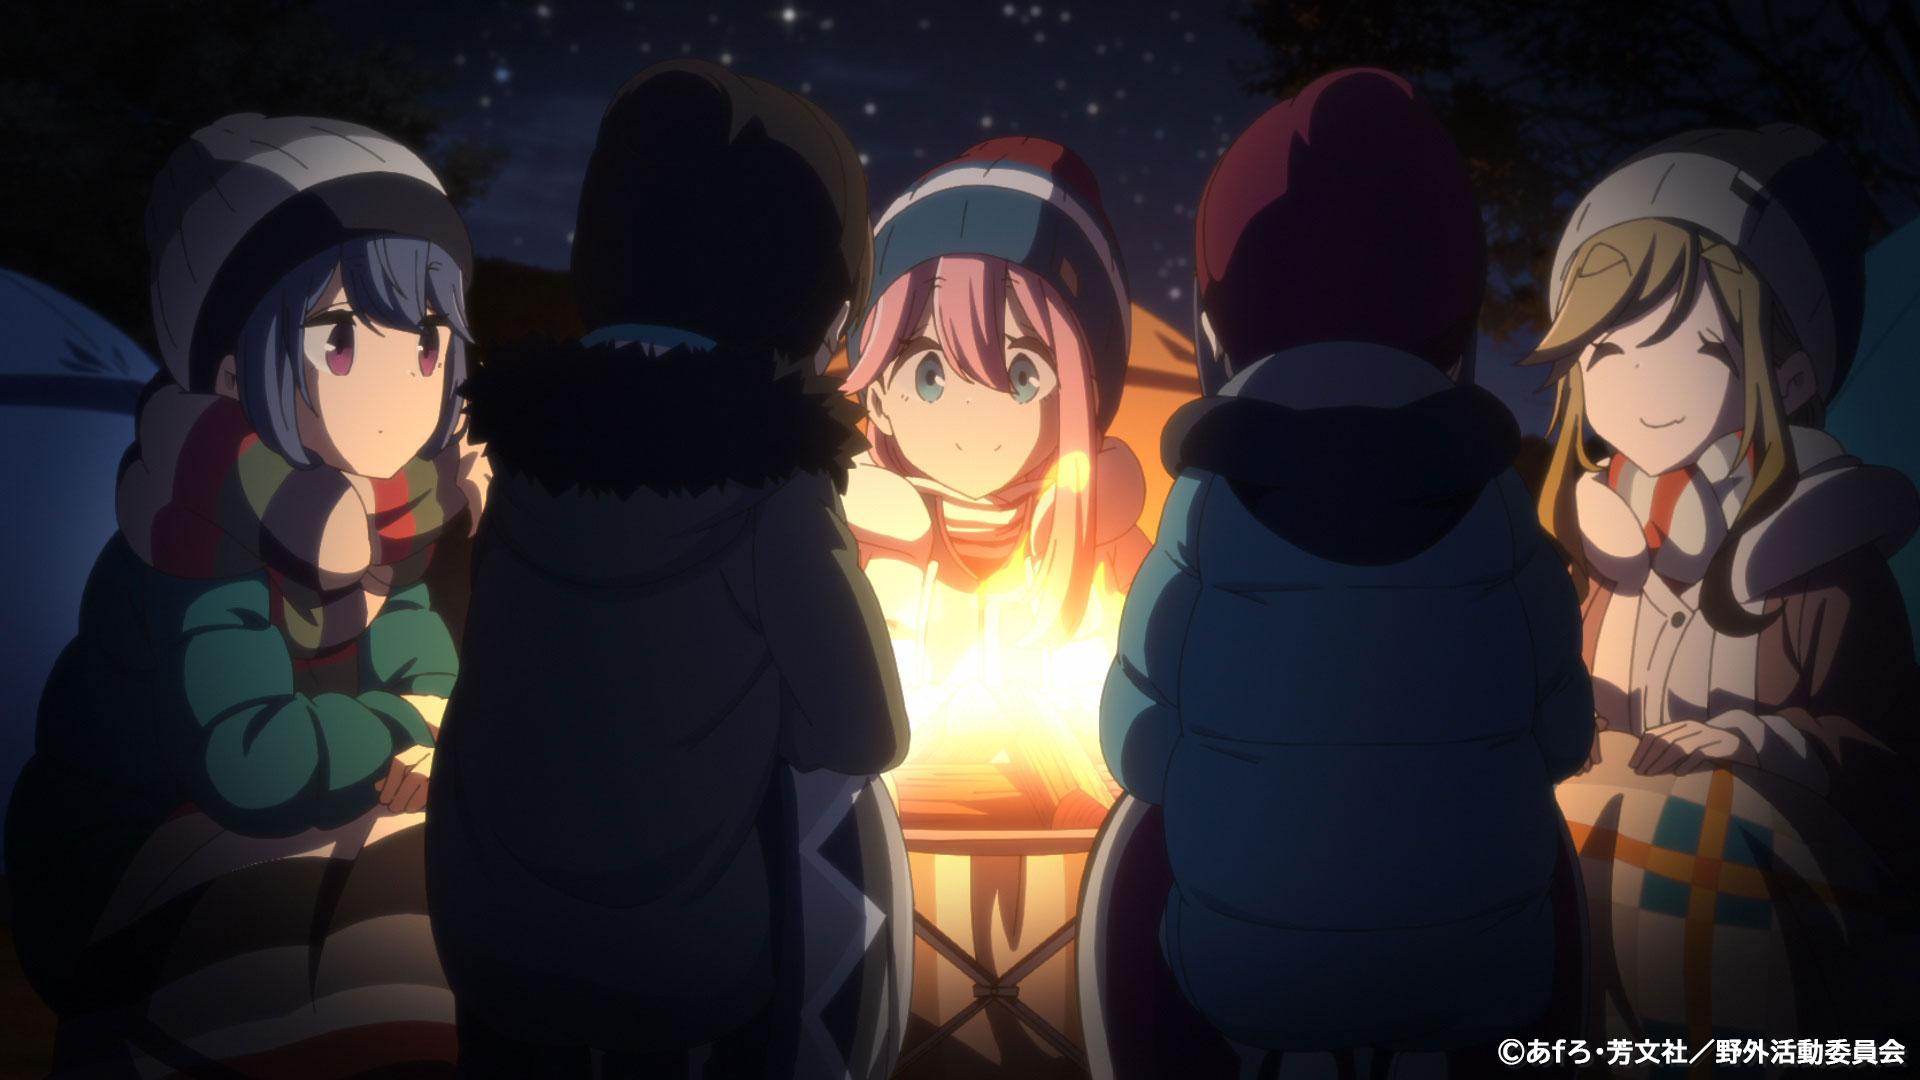 CAMPAMENTO DESCANSADO TEMPORADA 2 OVA